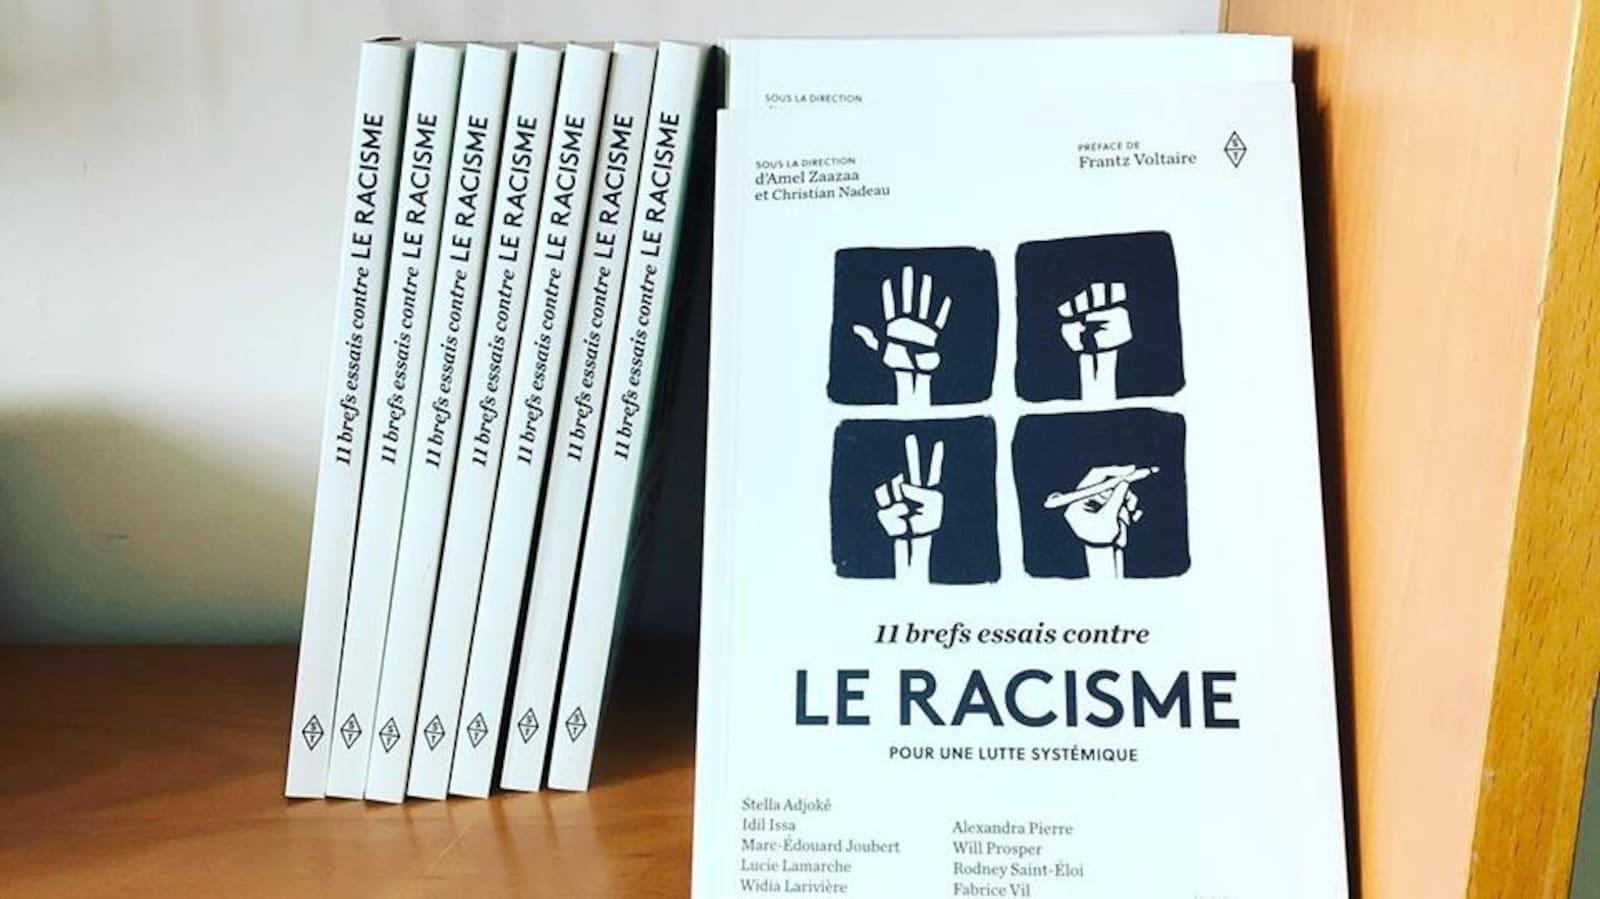 Une pile de livres dans une bibliothèque. L'un d'eux montre une illustration avec quatre mains : une faisant un signe de paix, une ouverte, une fermée en poing et une tenant un crayon.